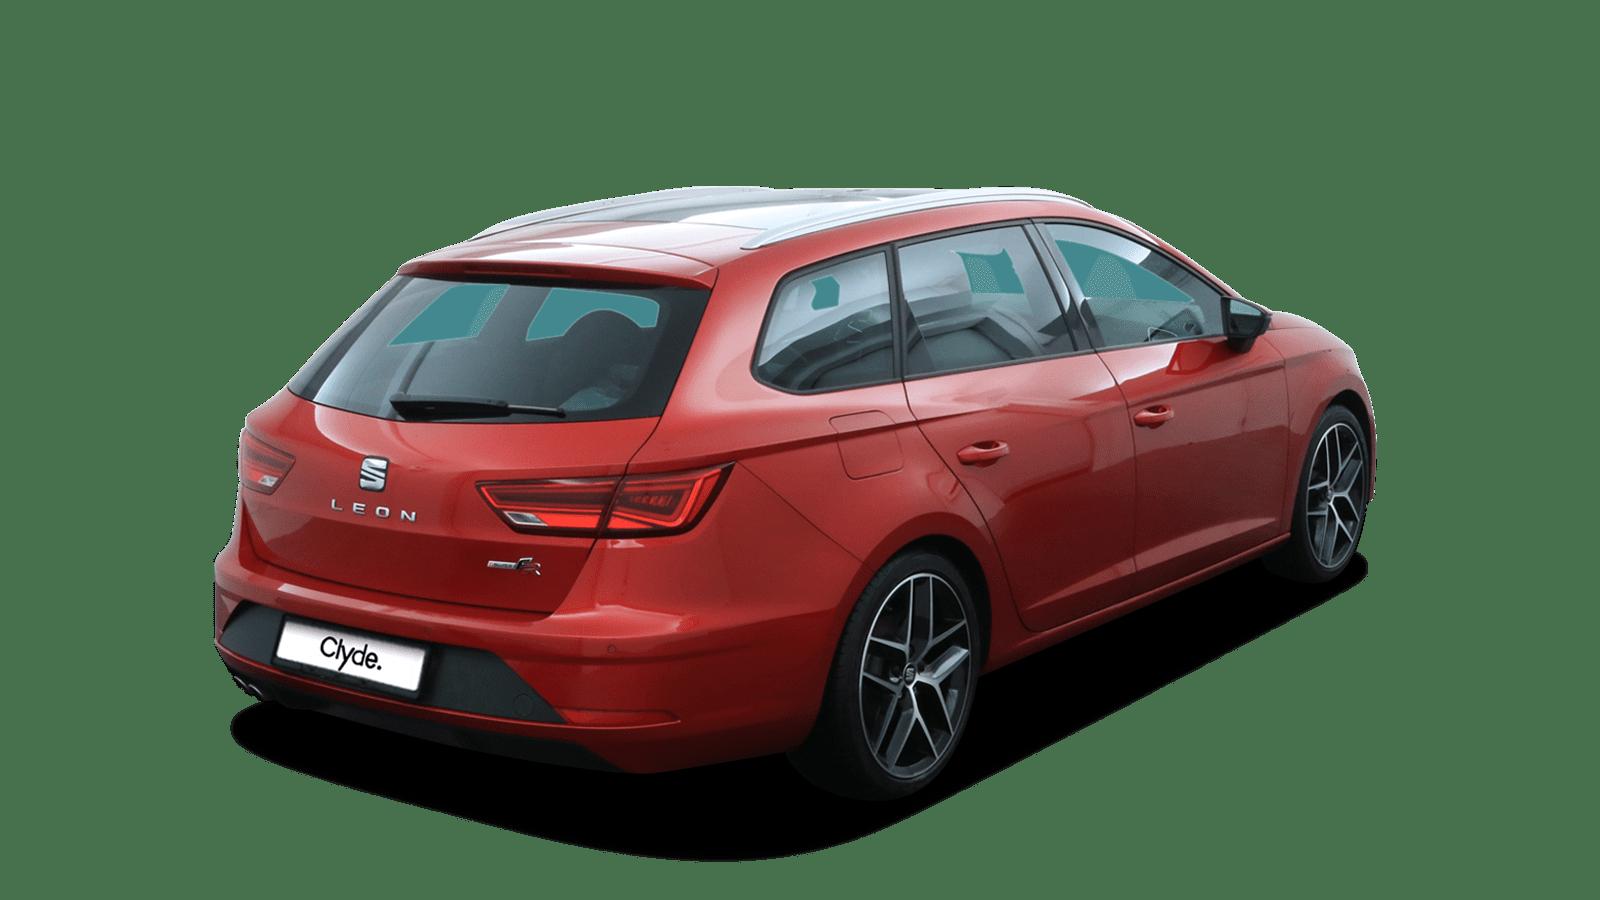 SEAT Leon Rot rückansicht - Clyde Auto-Abo